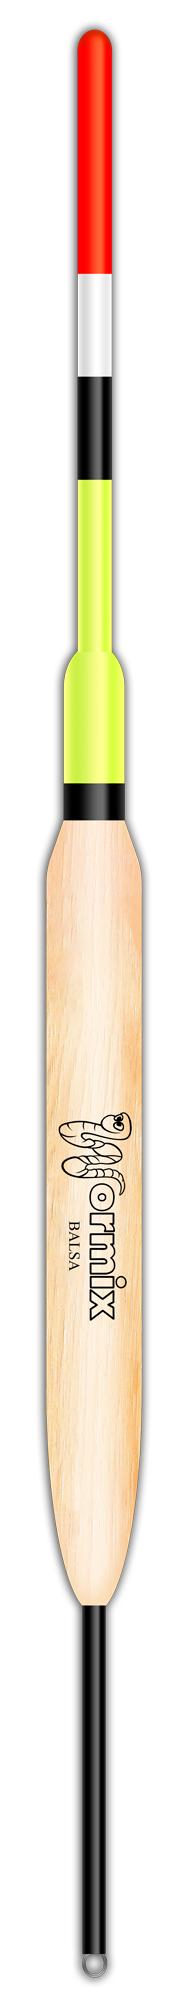 Поплавок Wormix 303 - 4 гр